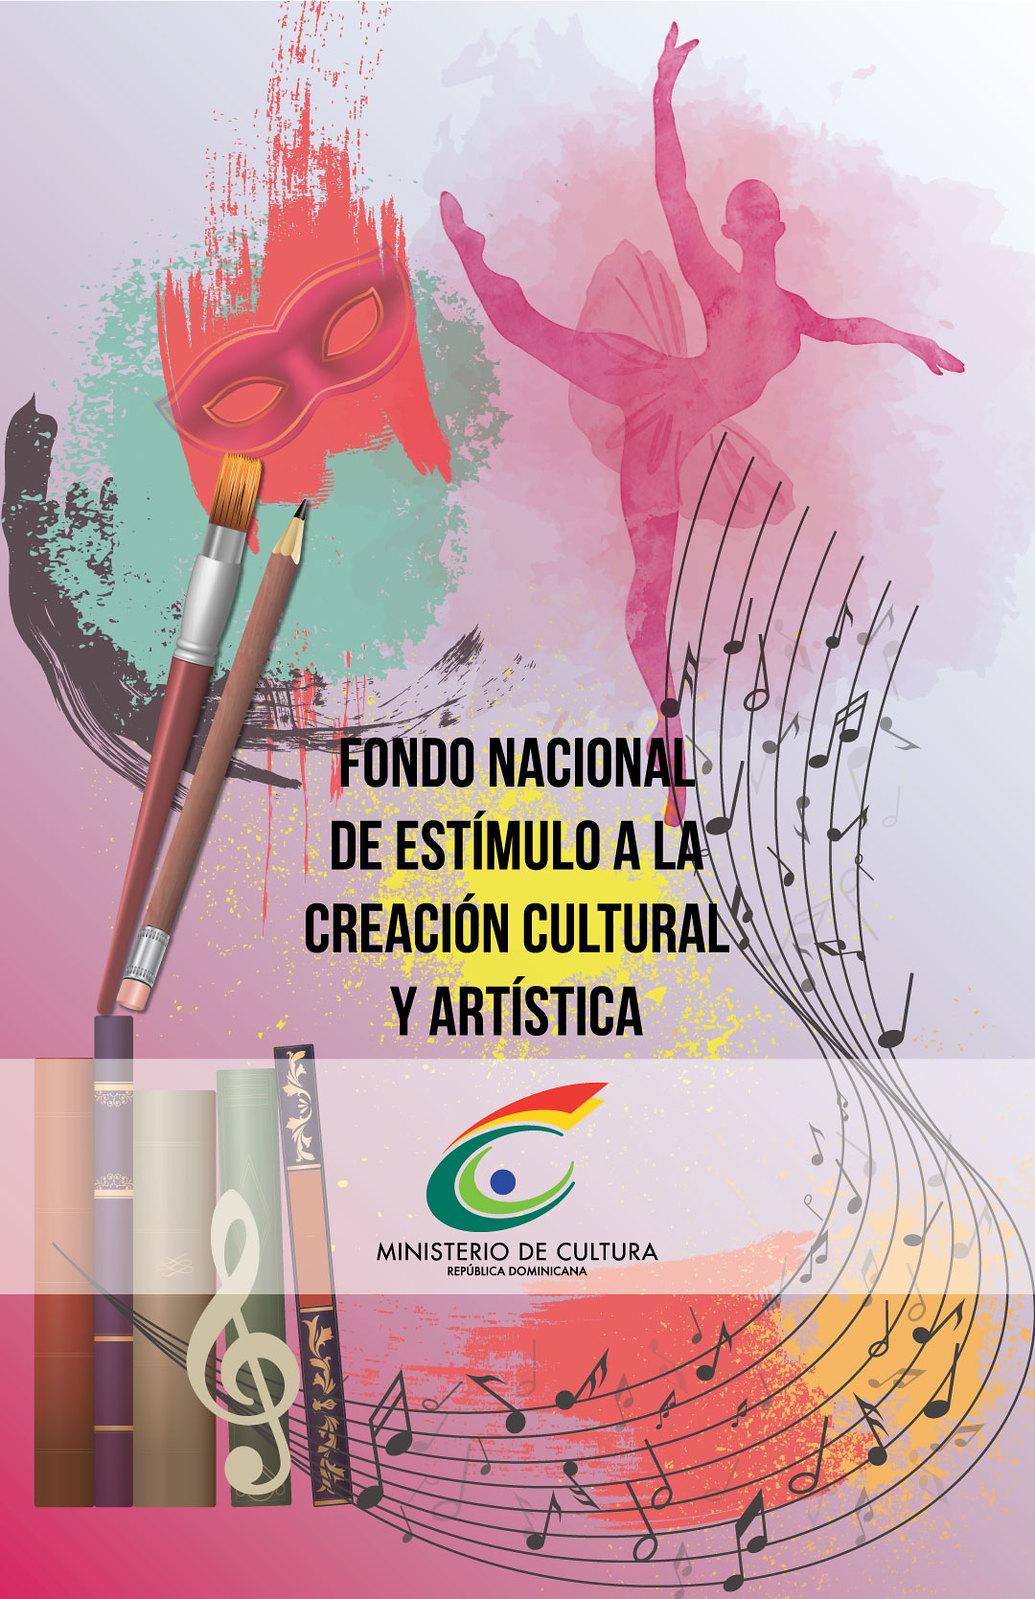 Fondo de Estimulo a la creacion cultural y artistica